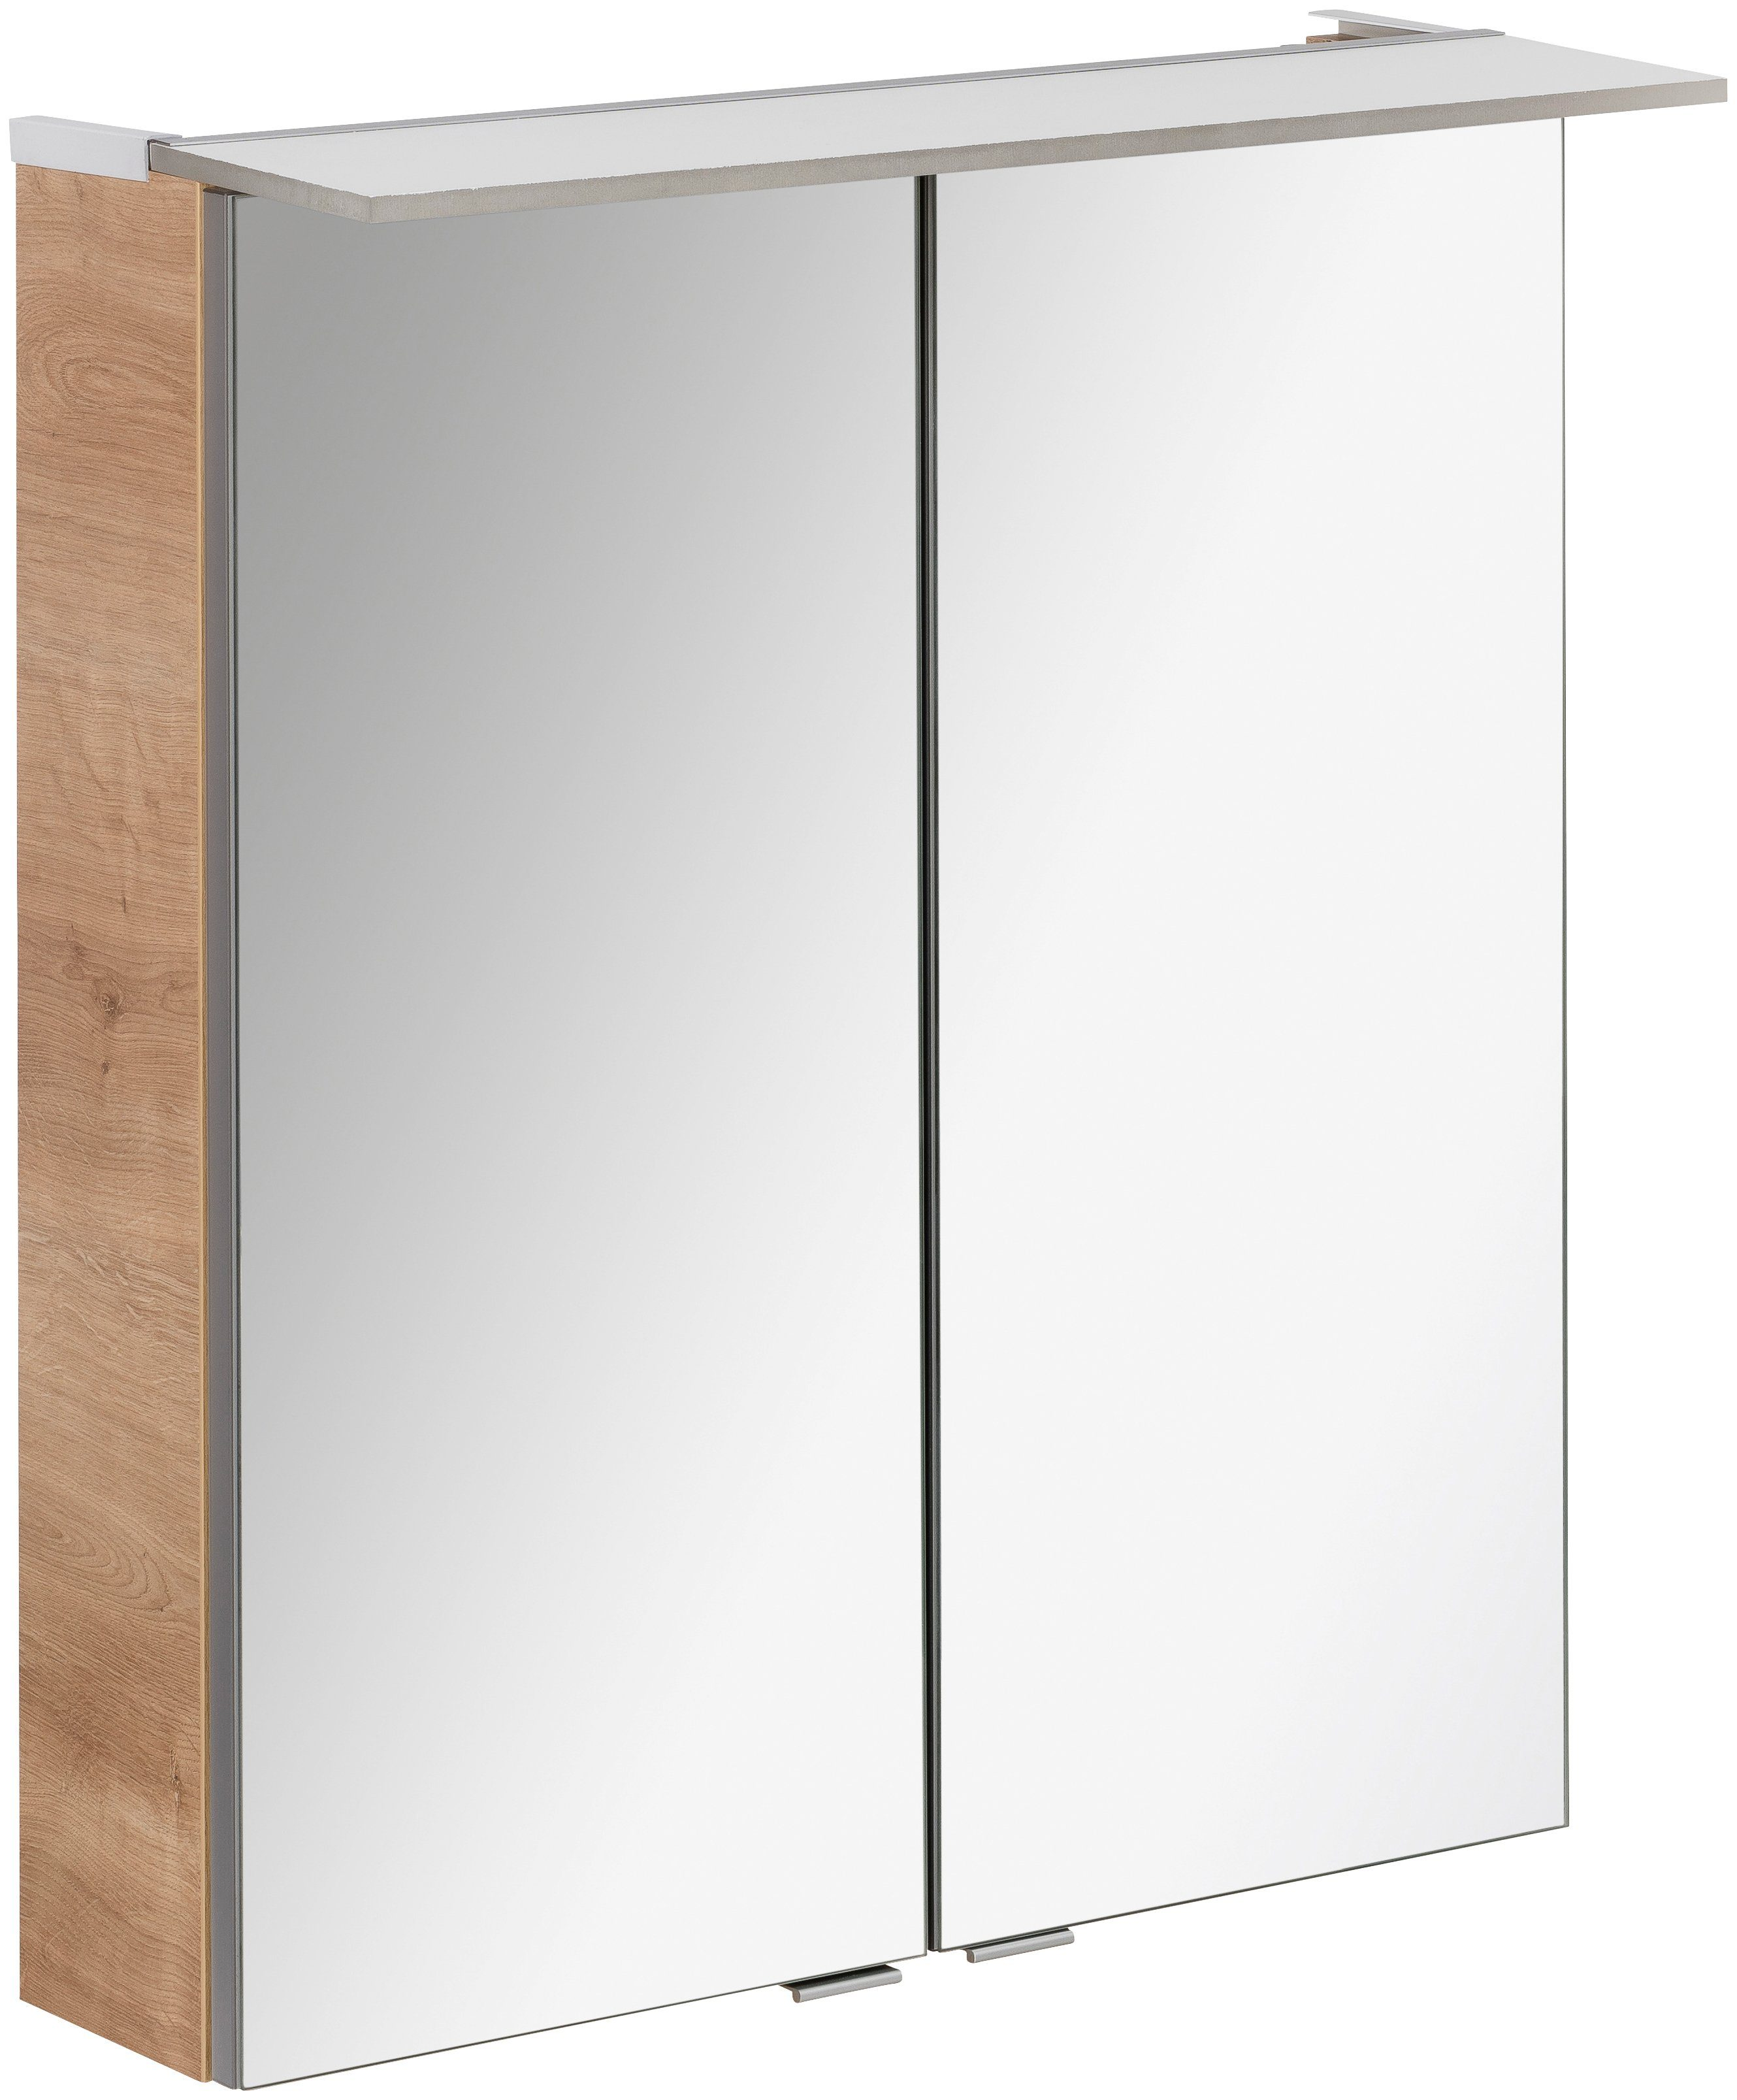 FACKELMANN Spiegelschrank »PE 60 - Ast-Eiche«, Breite 60 cm, 2 Türen